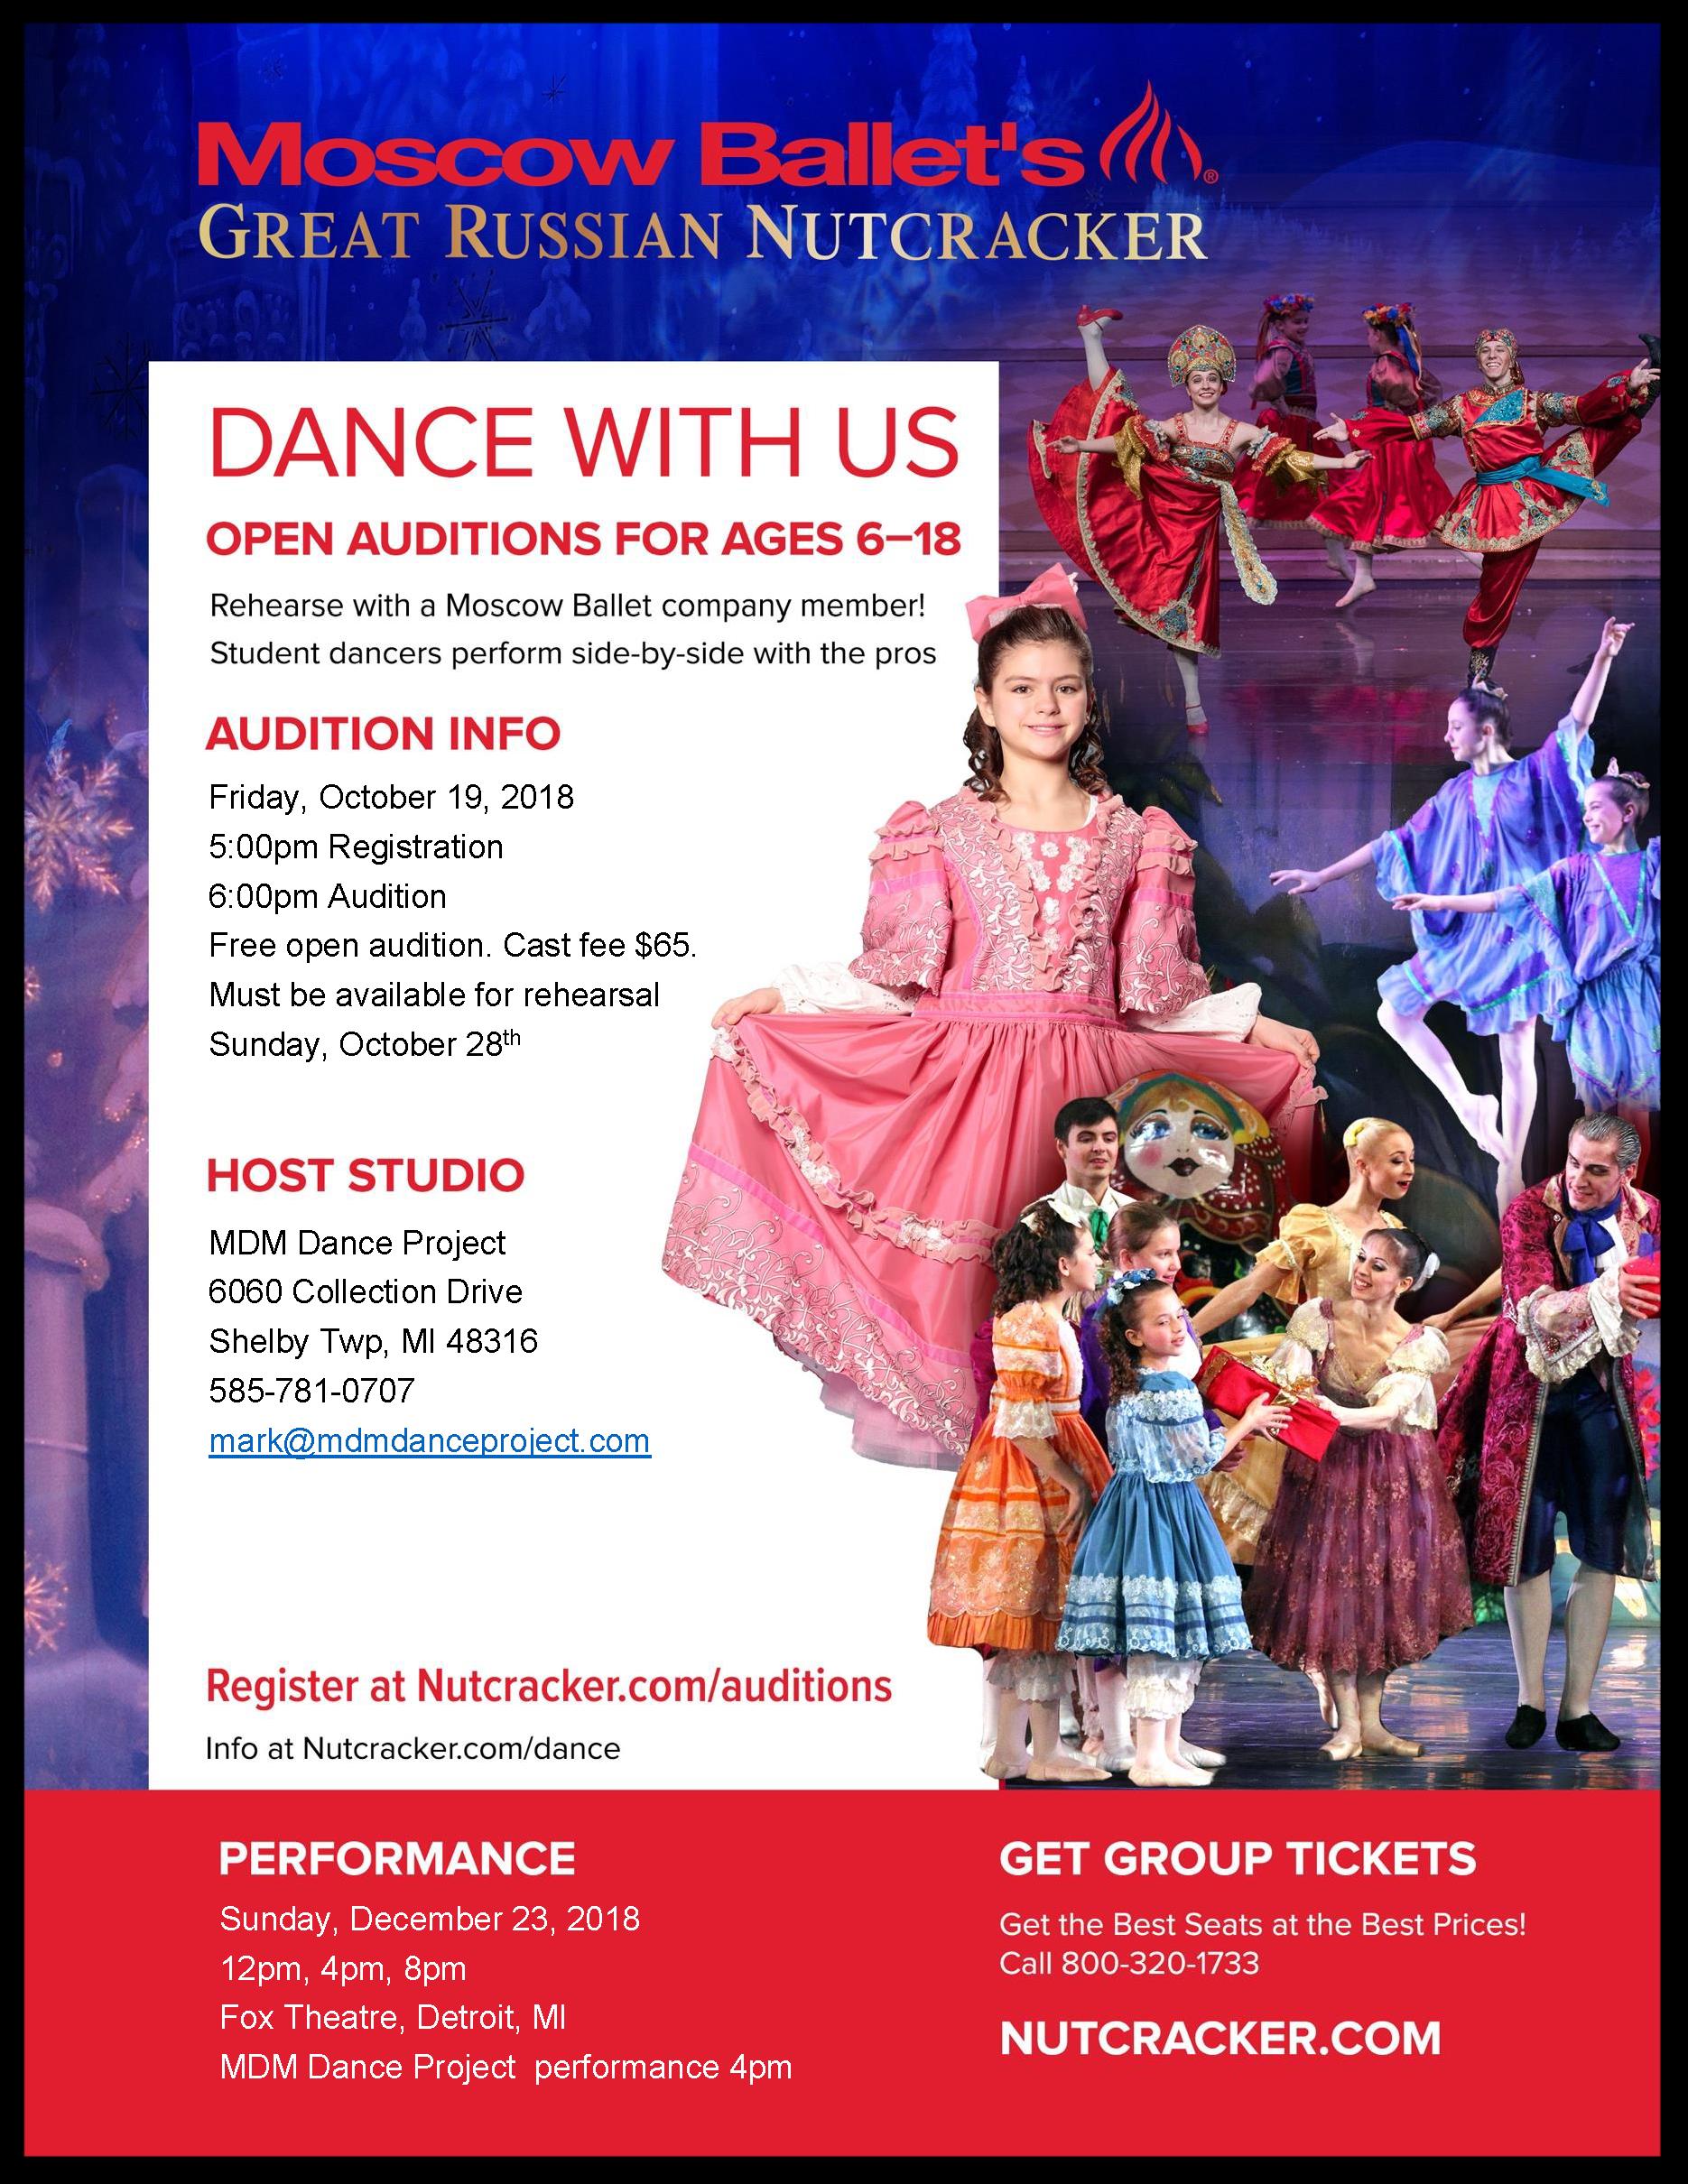 Detroit Audition Flyer - MDM Dance Project .png